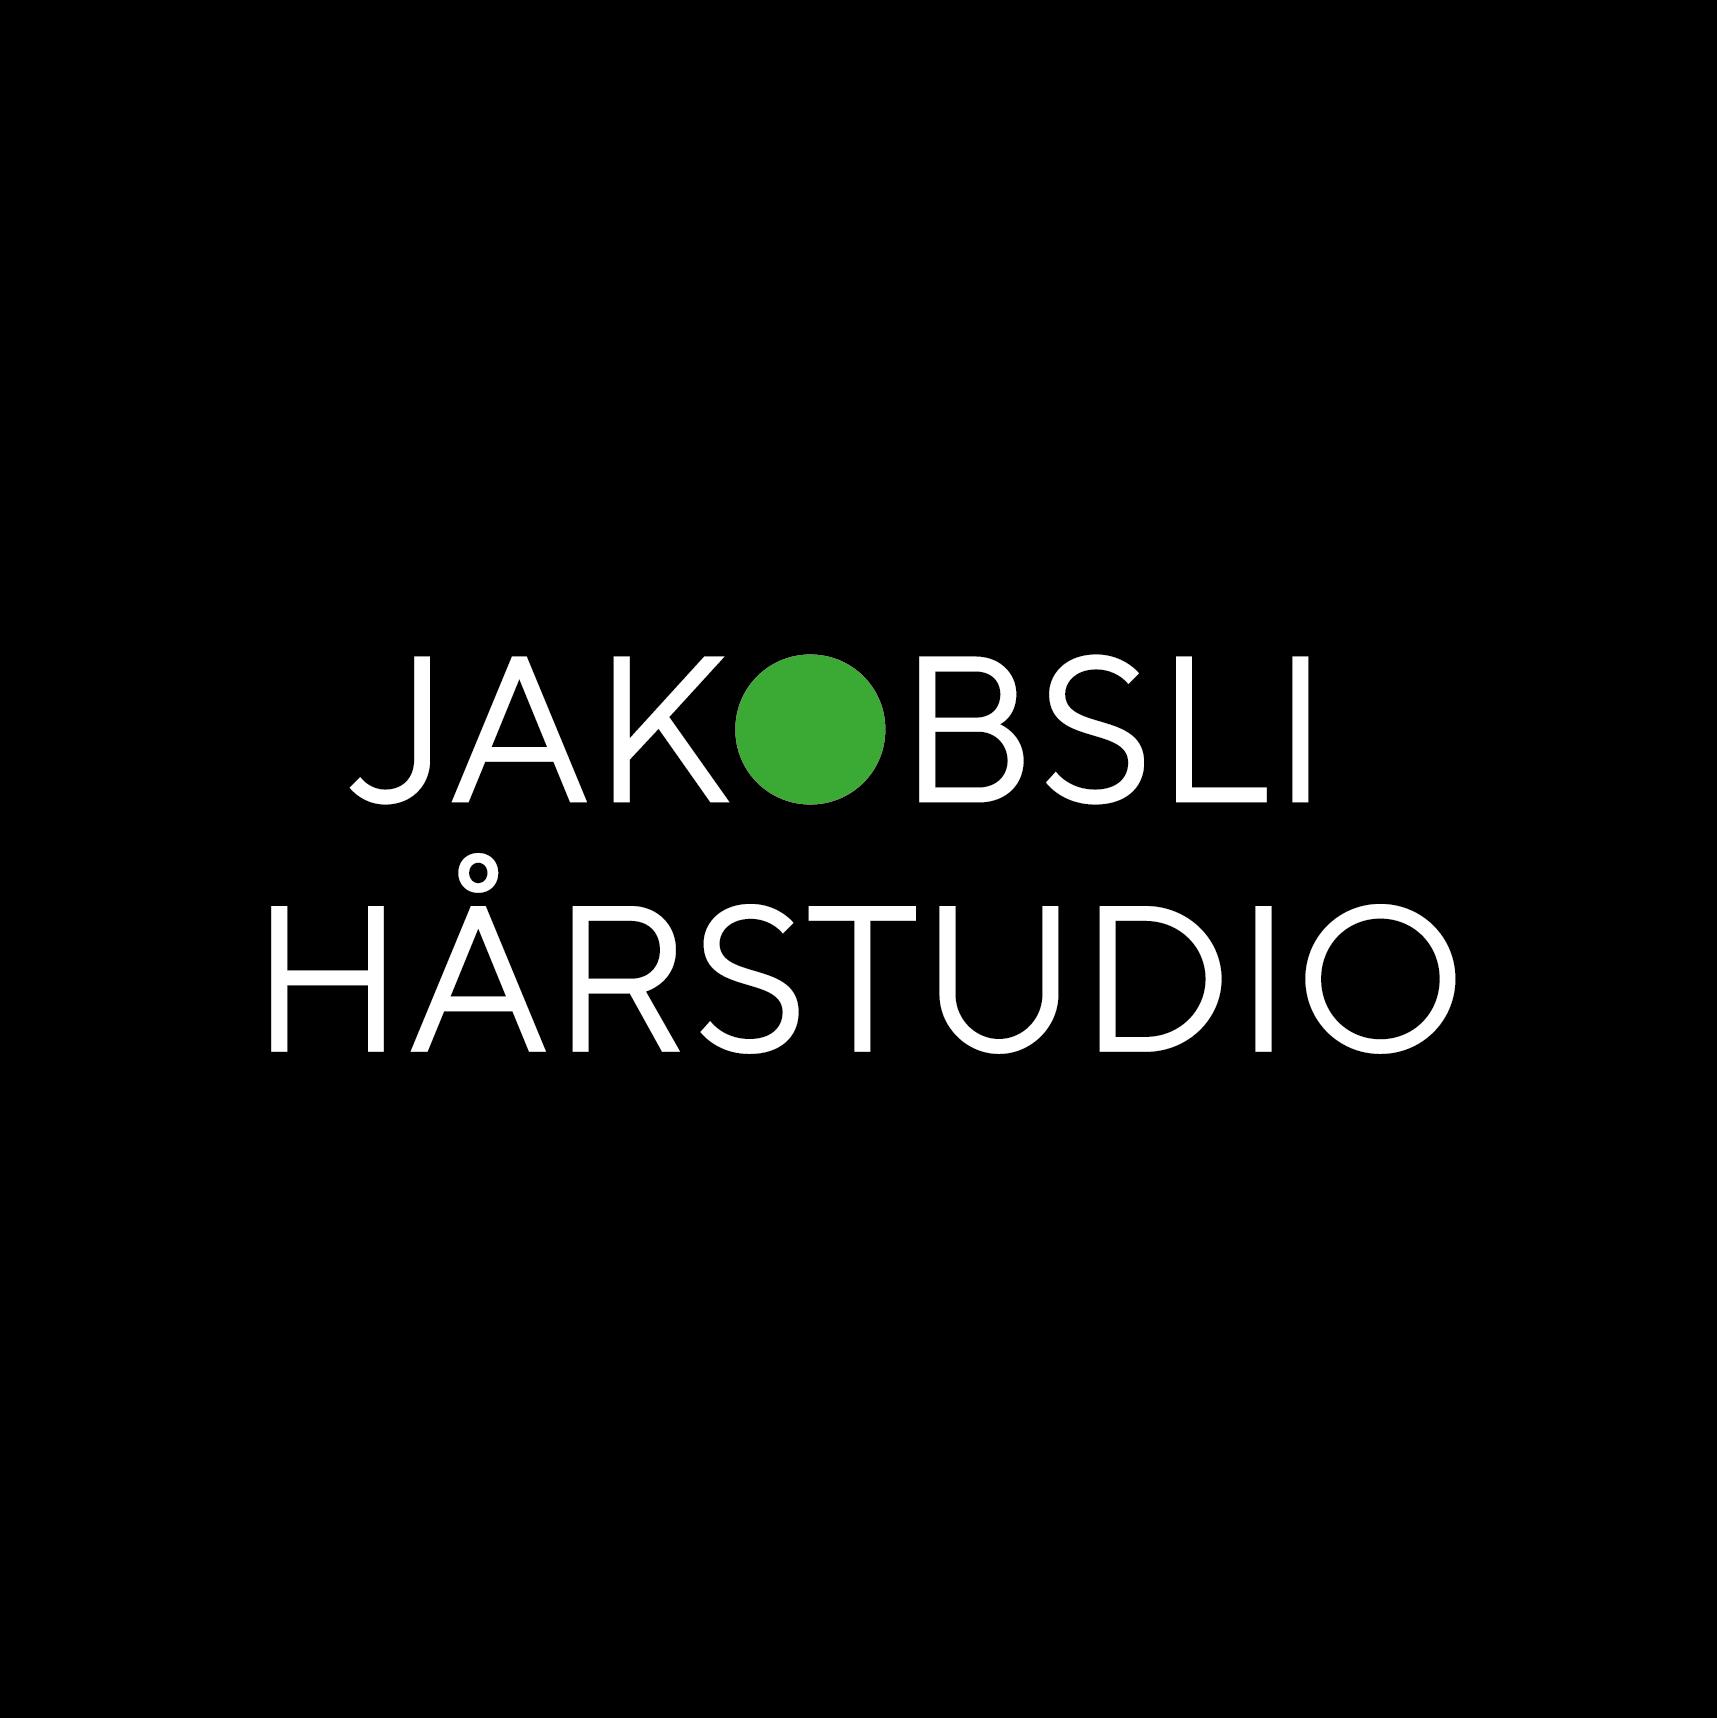 JAKOBSLI HÅRSTUDIO AS